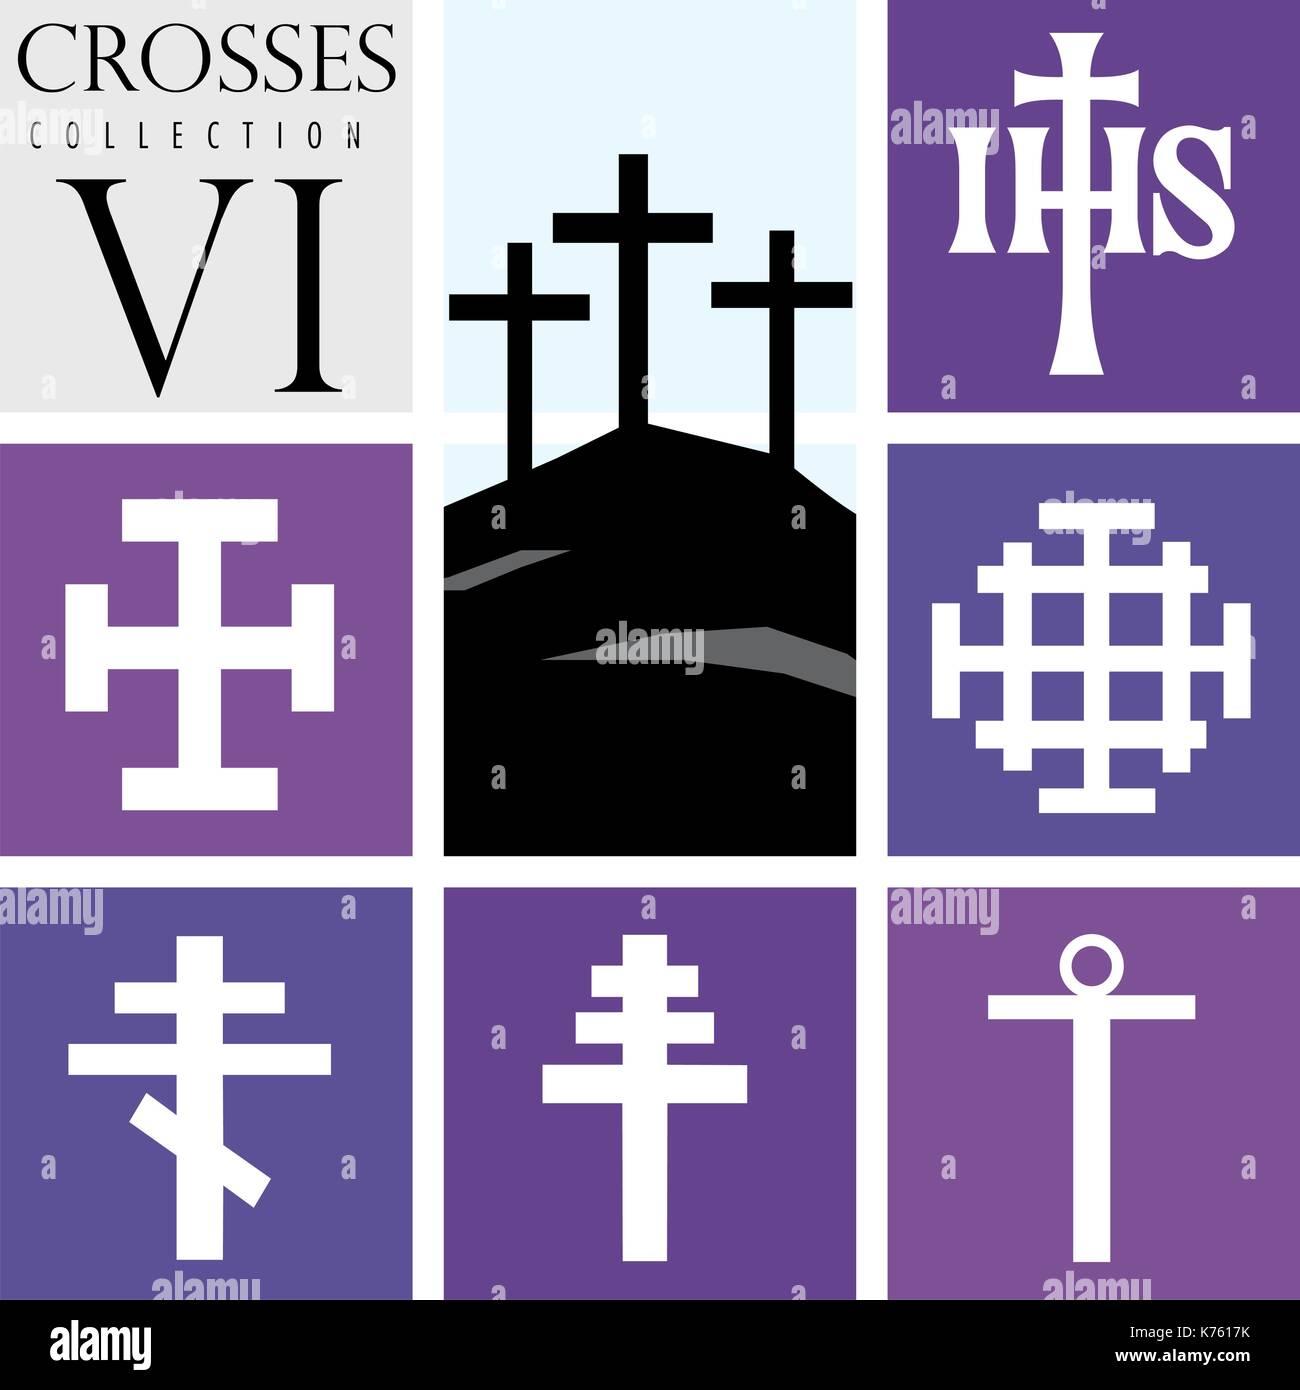 Conjunto De Diferentes Tipos De Cruces Sobre Fondo Púrpura Imagen